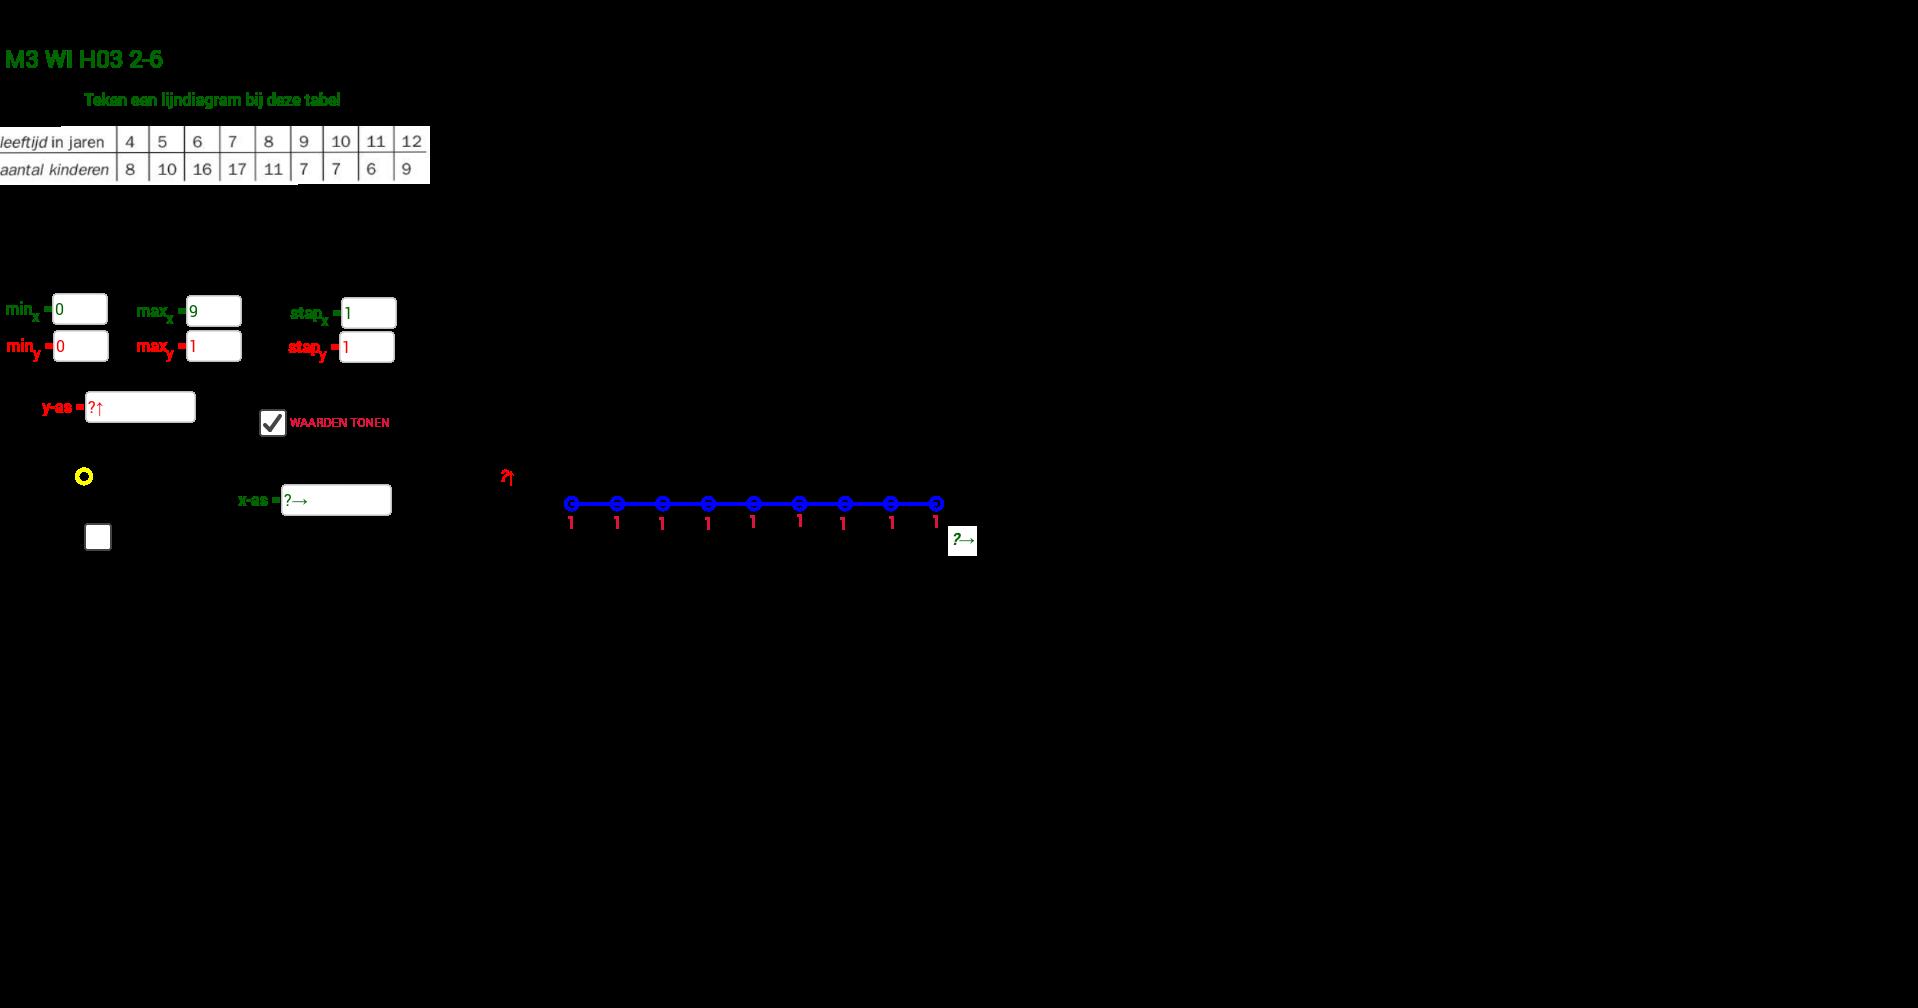 M3 WI H03 2-6